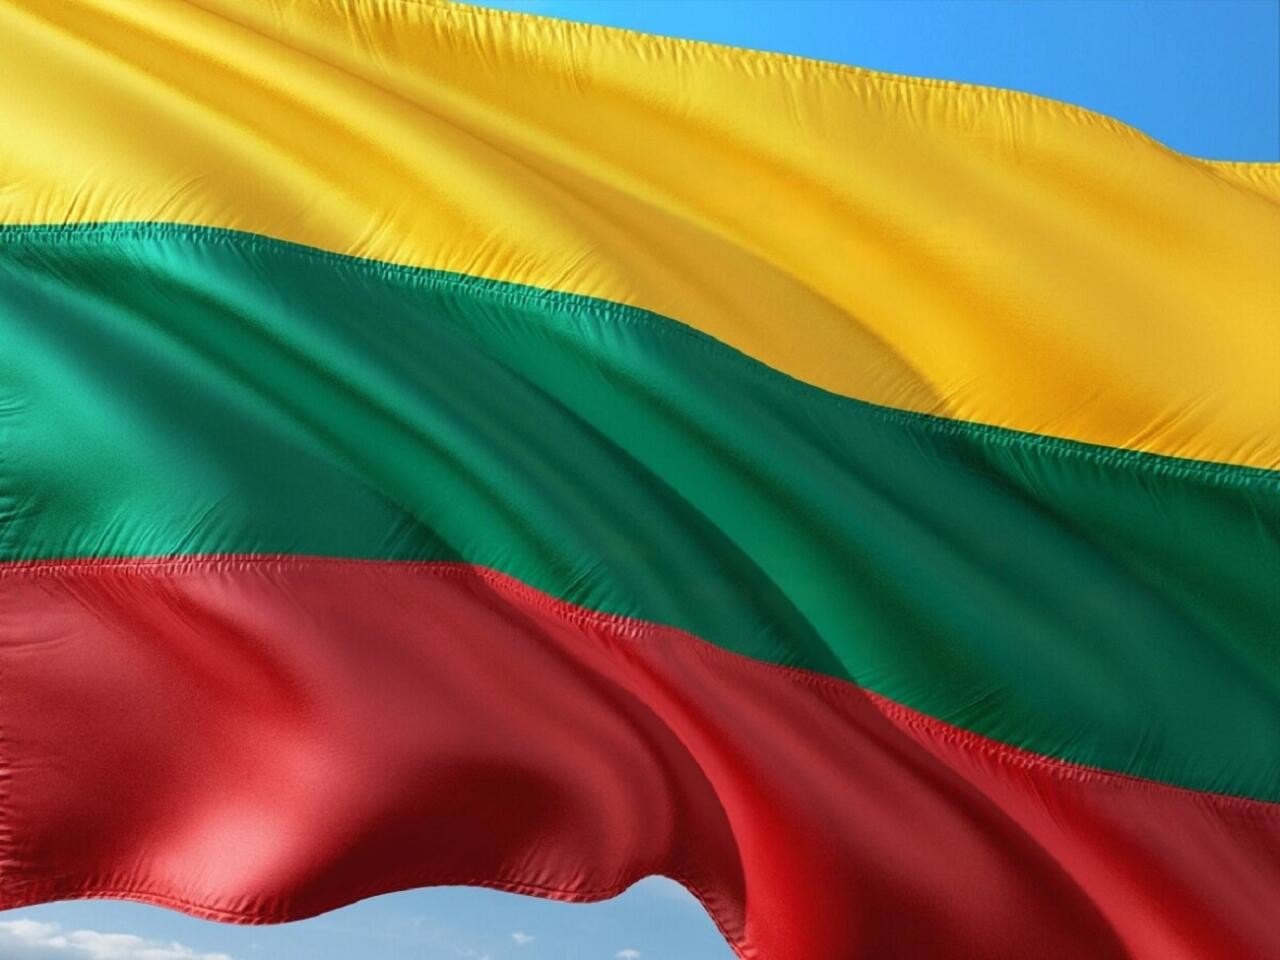 Uudised Leedust panevad oma vastuolulisuse tõttu kukalt kratsima